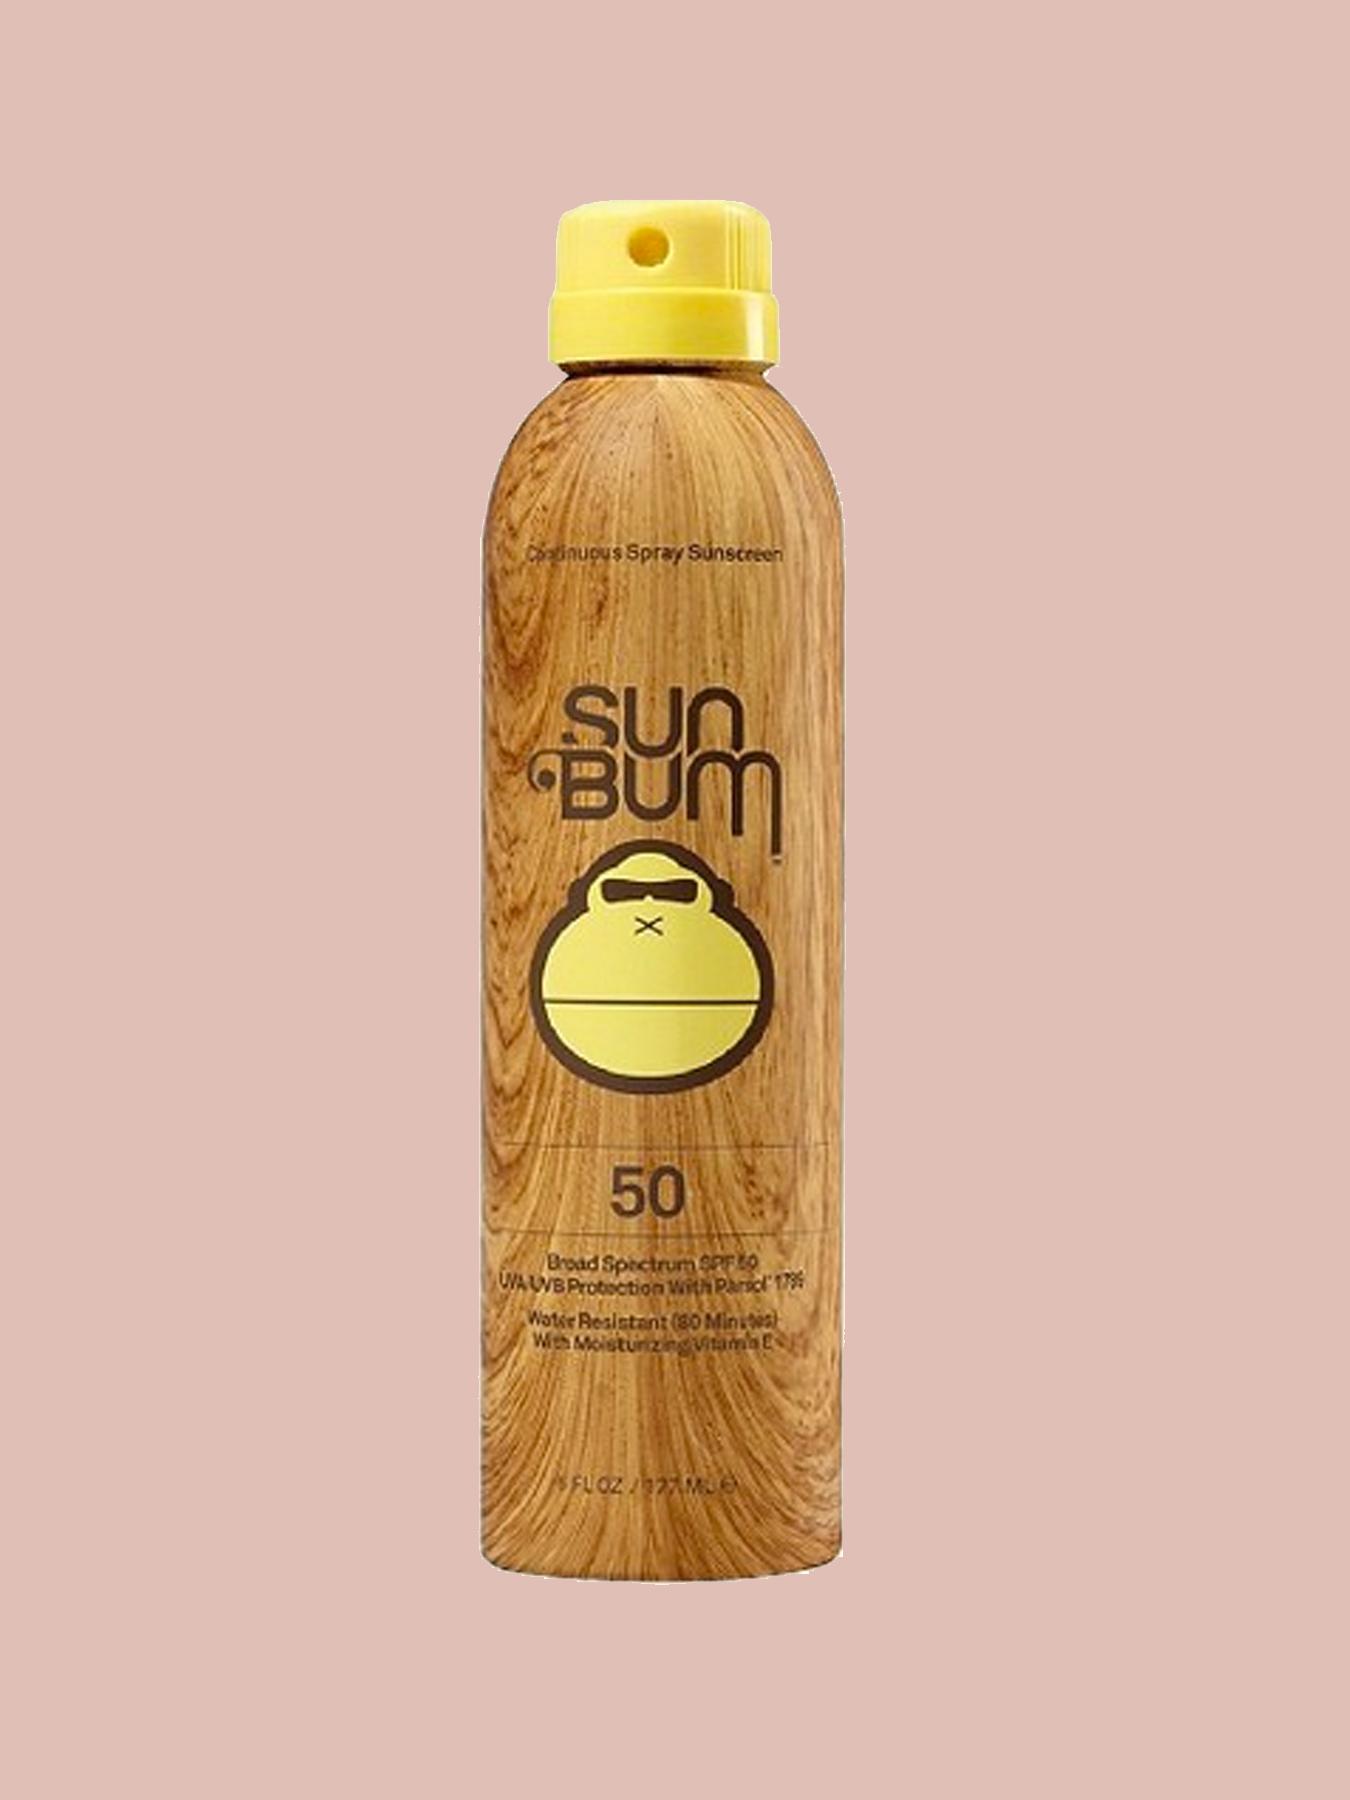 SUNSCREEN: Sun Bum SPF 50 Spray